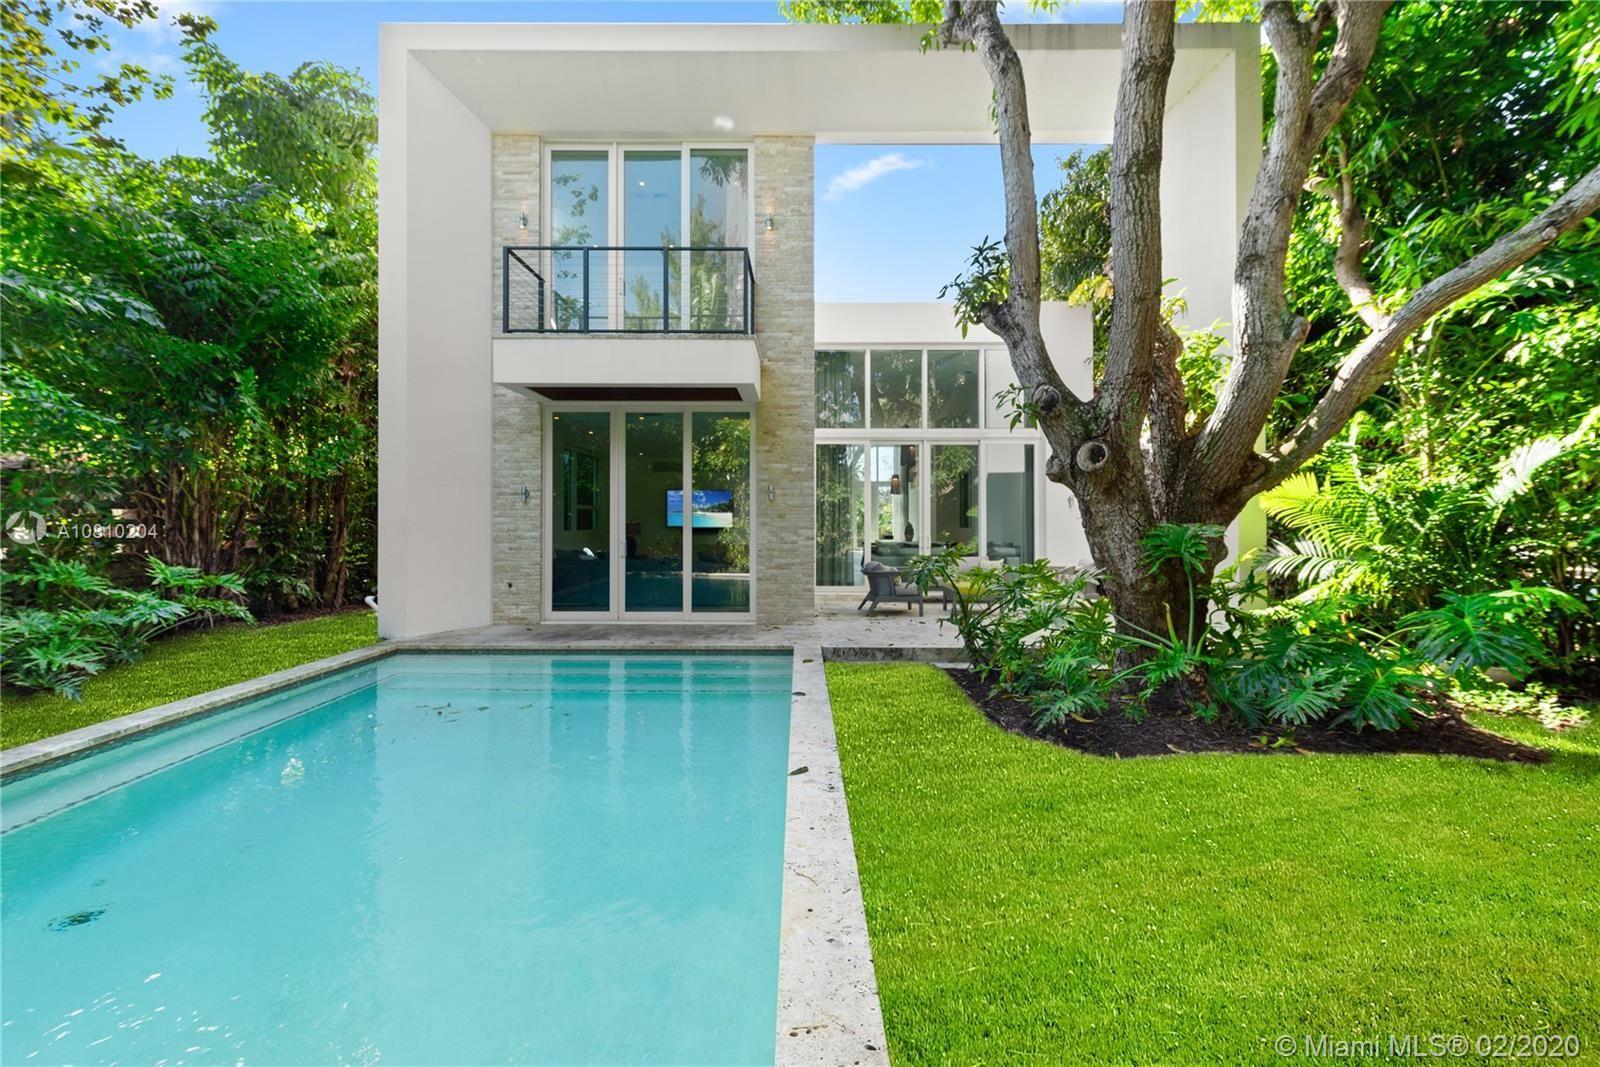 335 W 46th St, Miami Beach, FL 33140 - #: A10810204